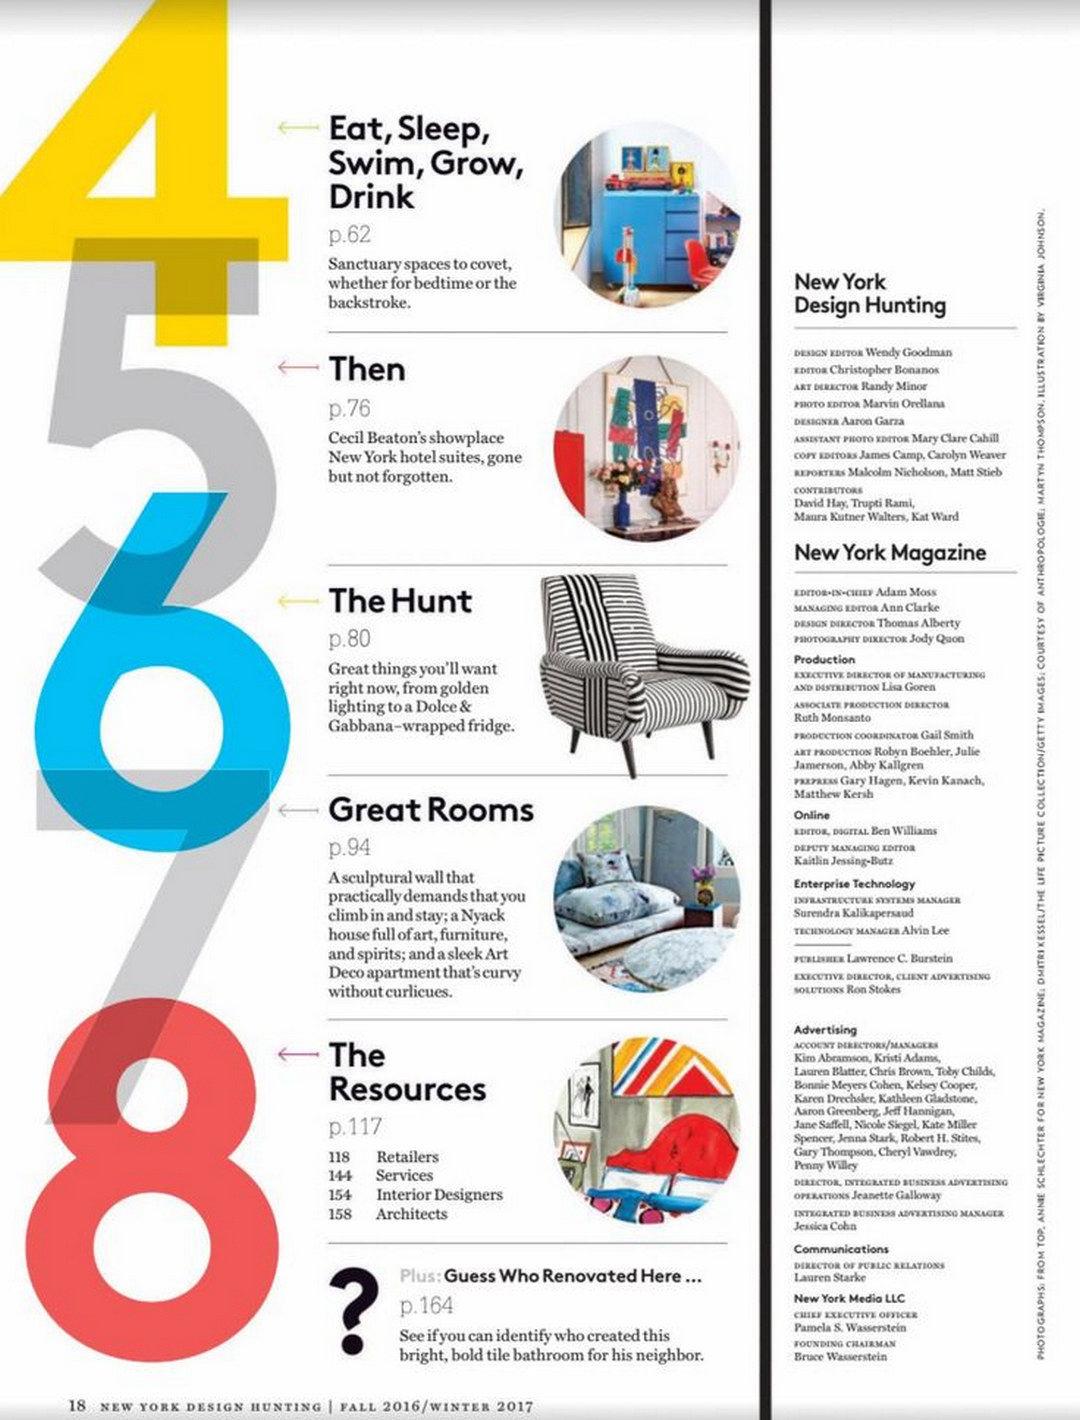 Pin von Taylor Roberge auf Layout Design | Pinterest | Editorial ...